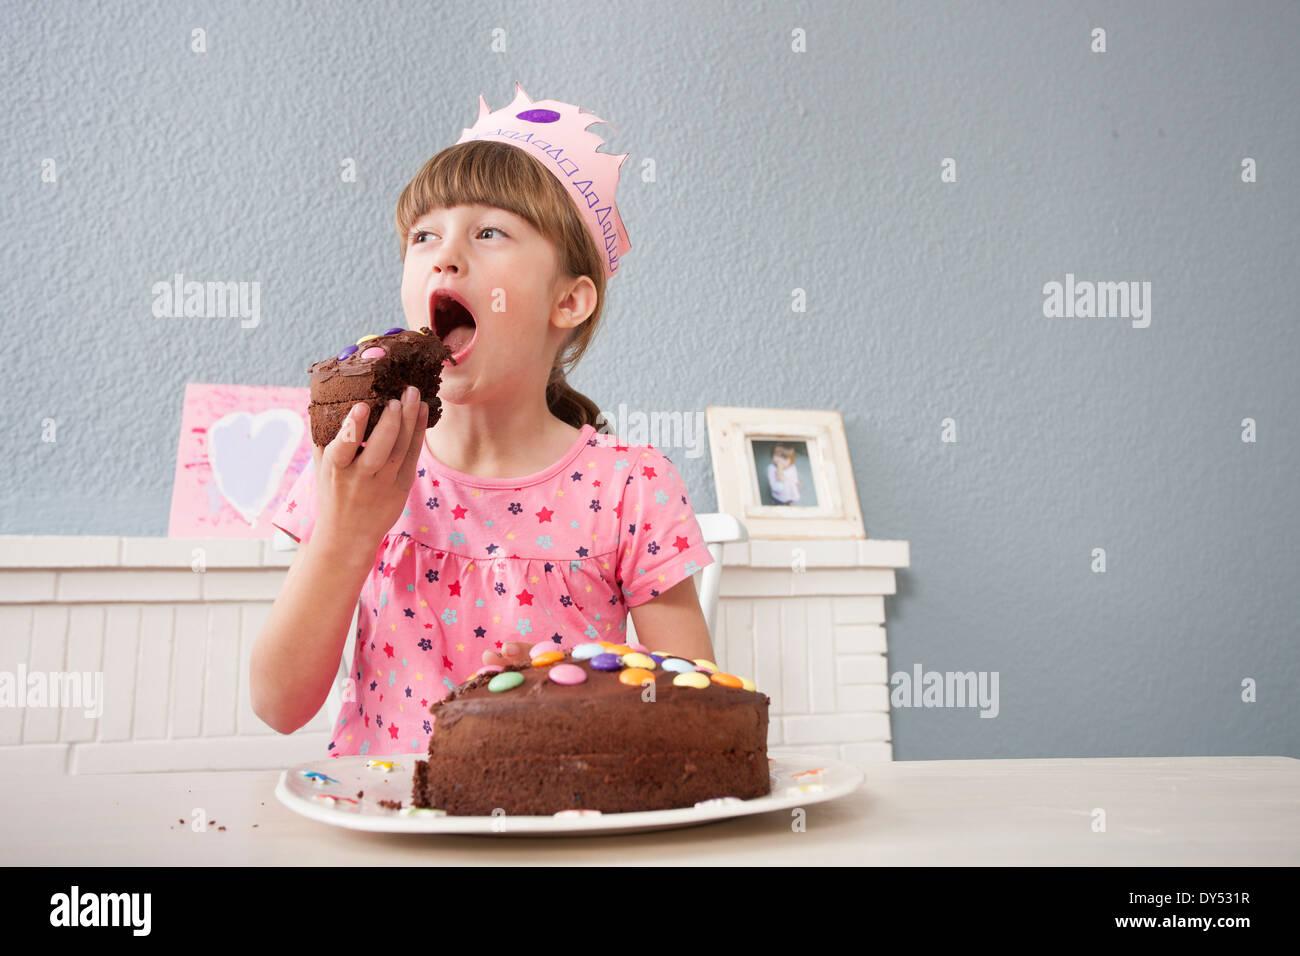 Madchen Die Ihren Geburtstagskuchen Essen Stockfoto Bild 68338979